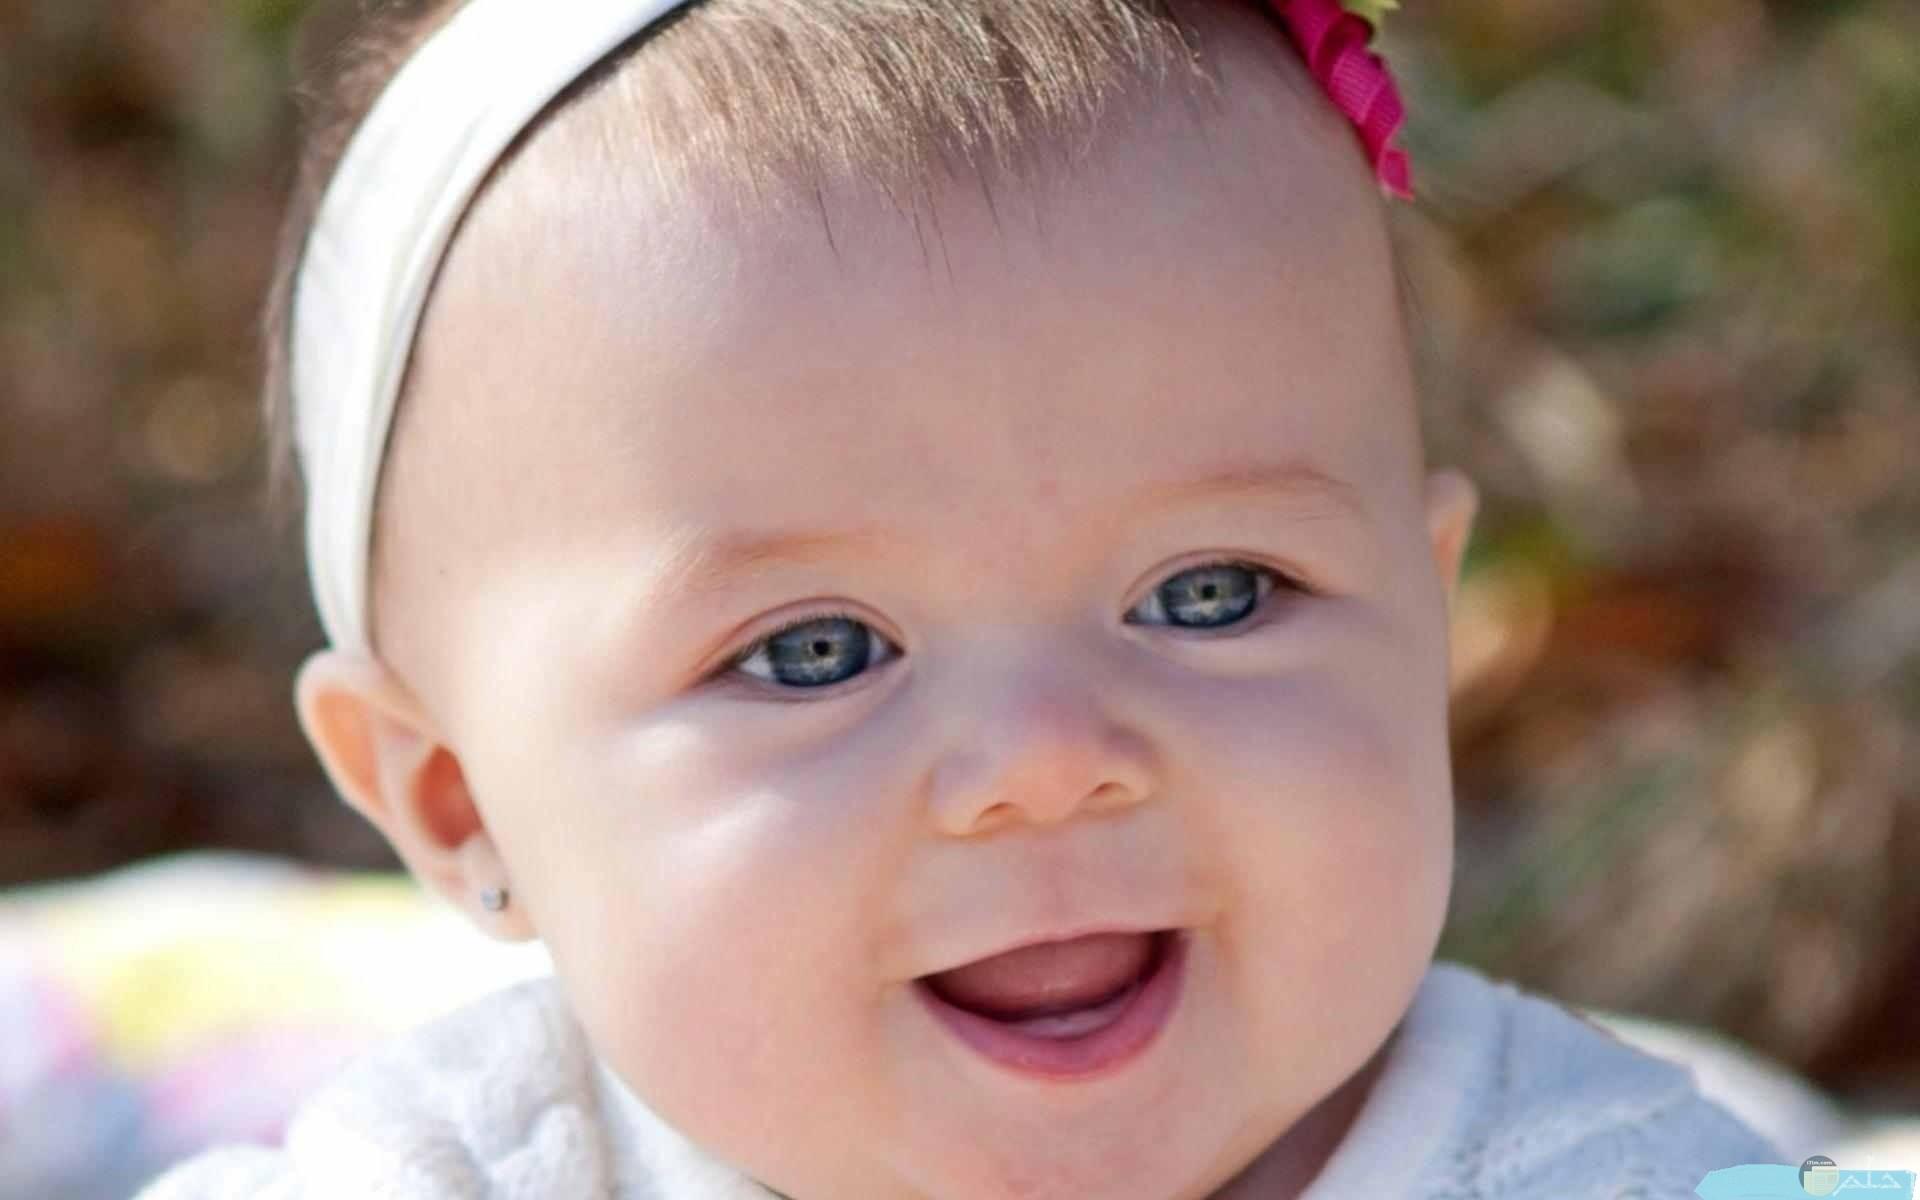 صورة لضحكة طفلة جميلة.